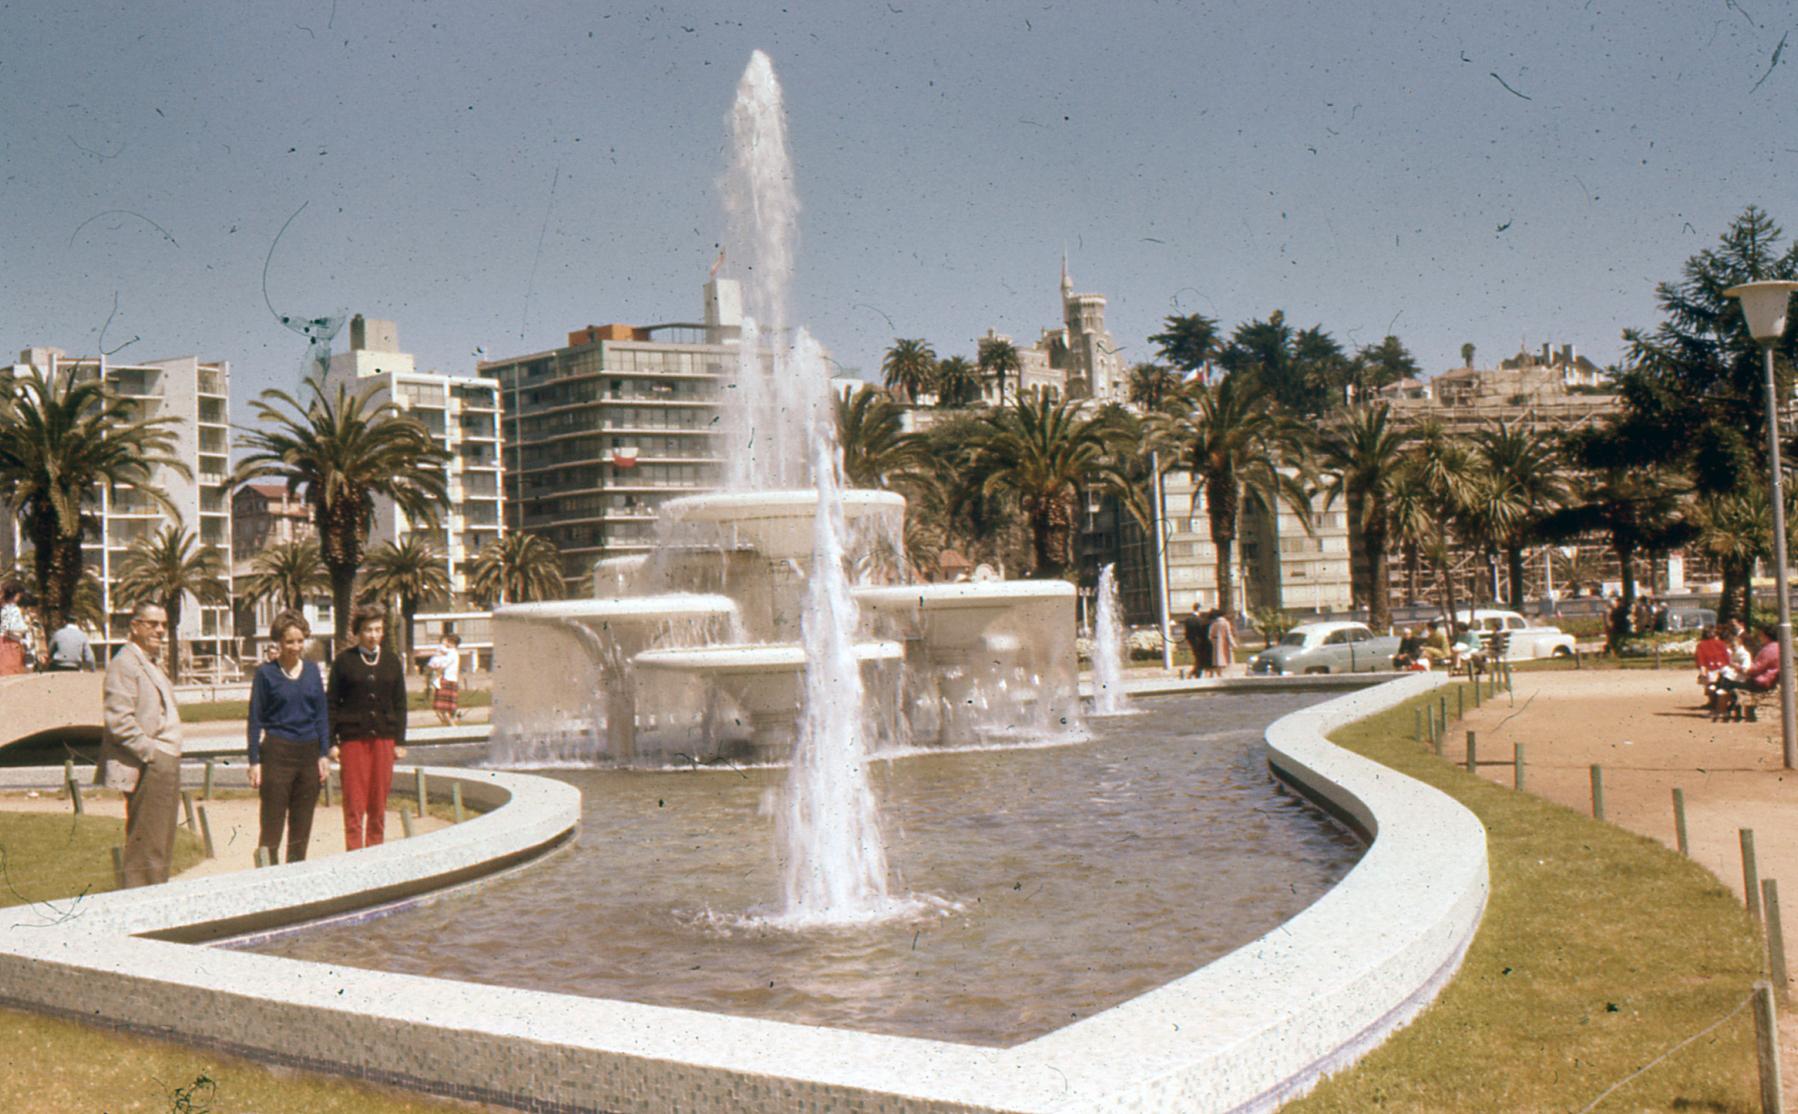 Enterreno - Fotos históricas de chile - fotos antiguas de Chile - Viña del Mar en 1961